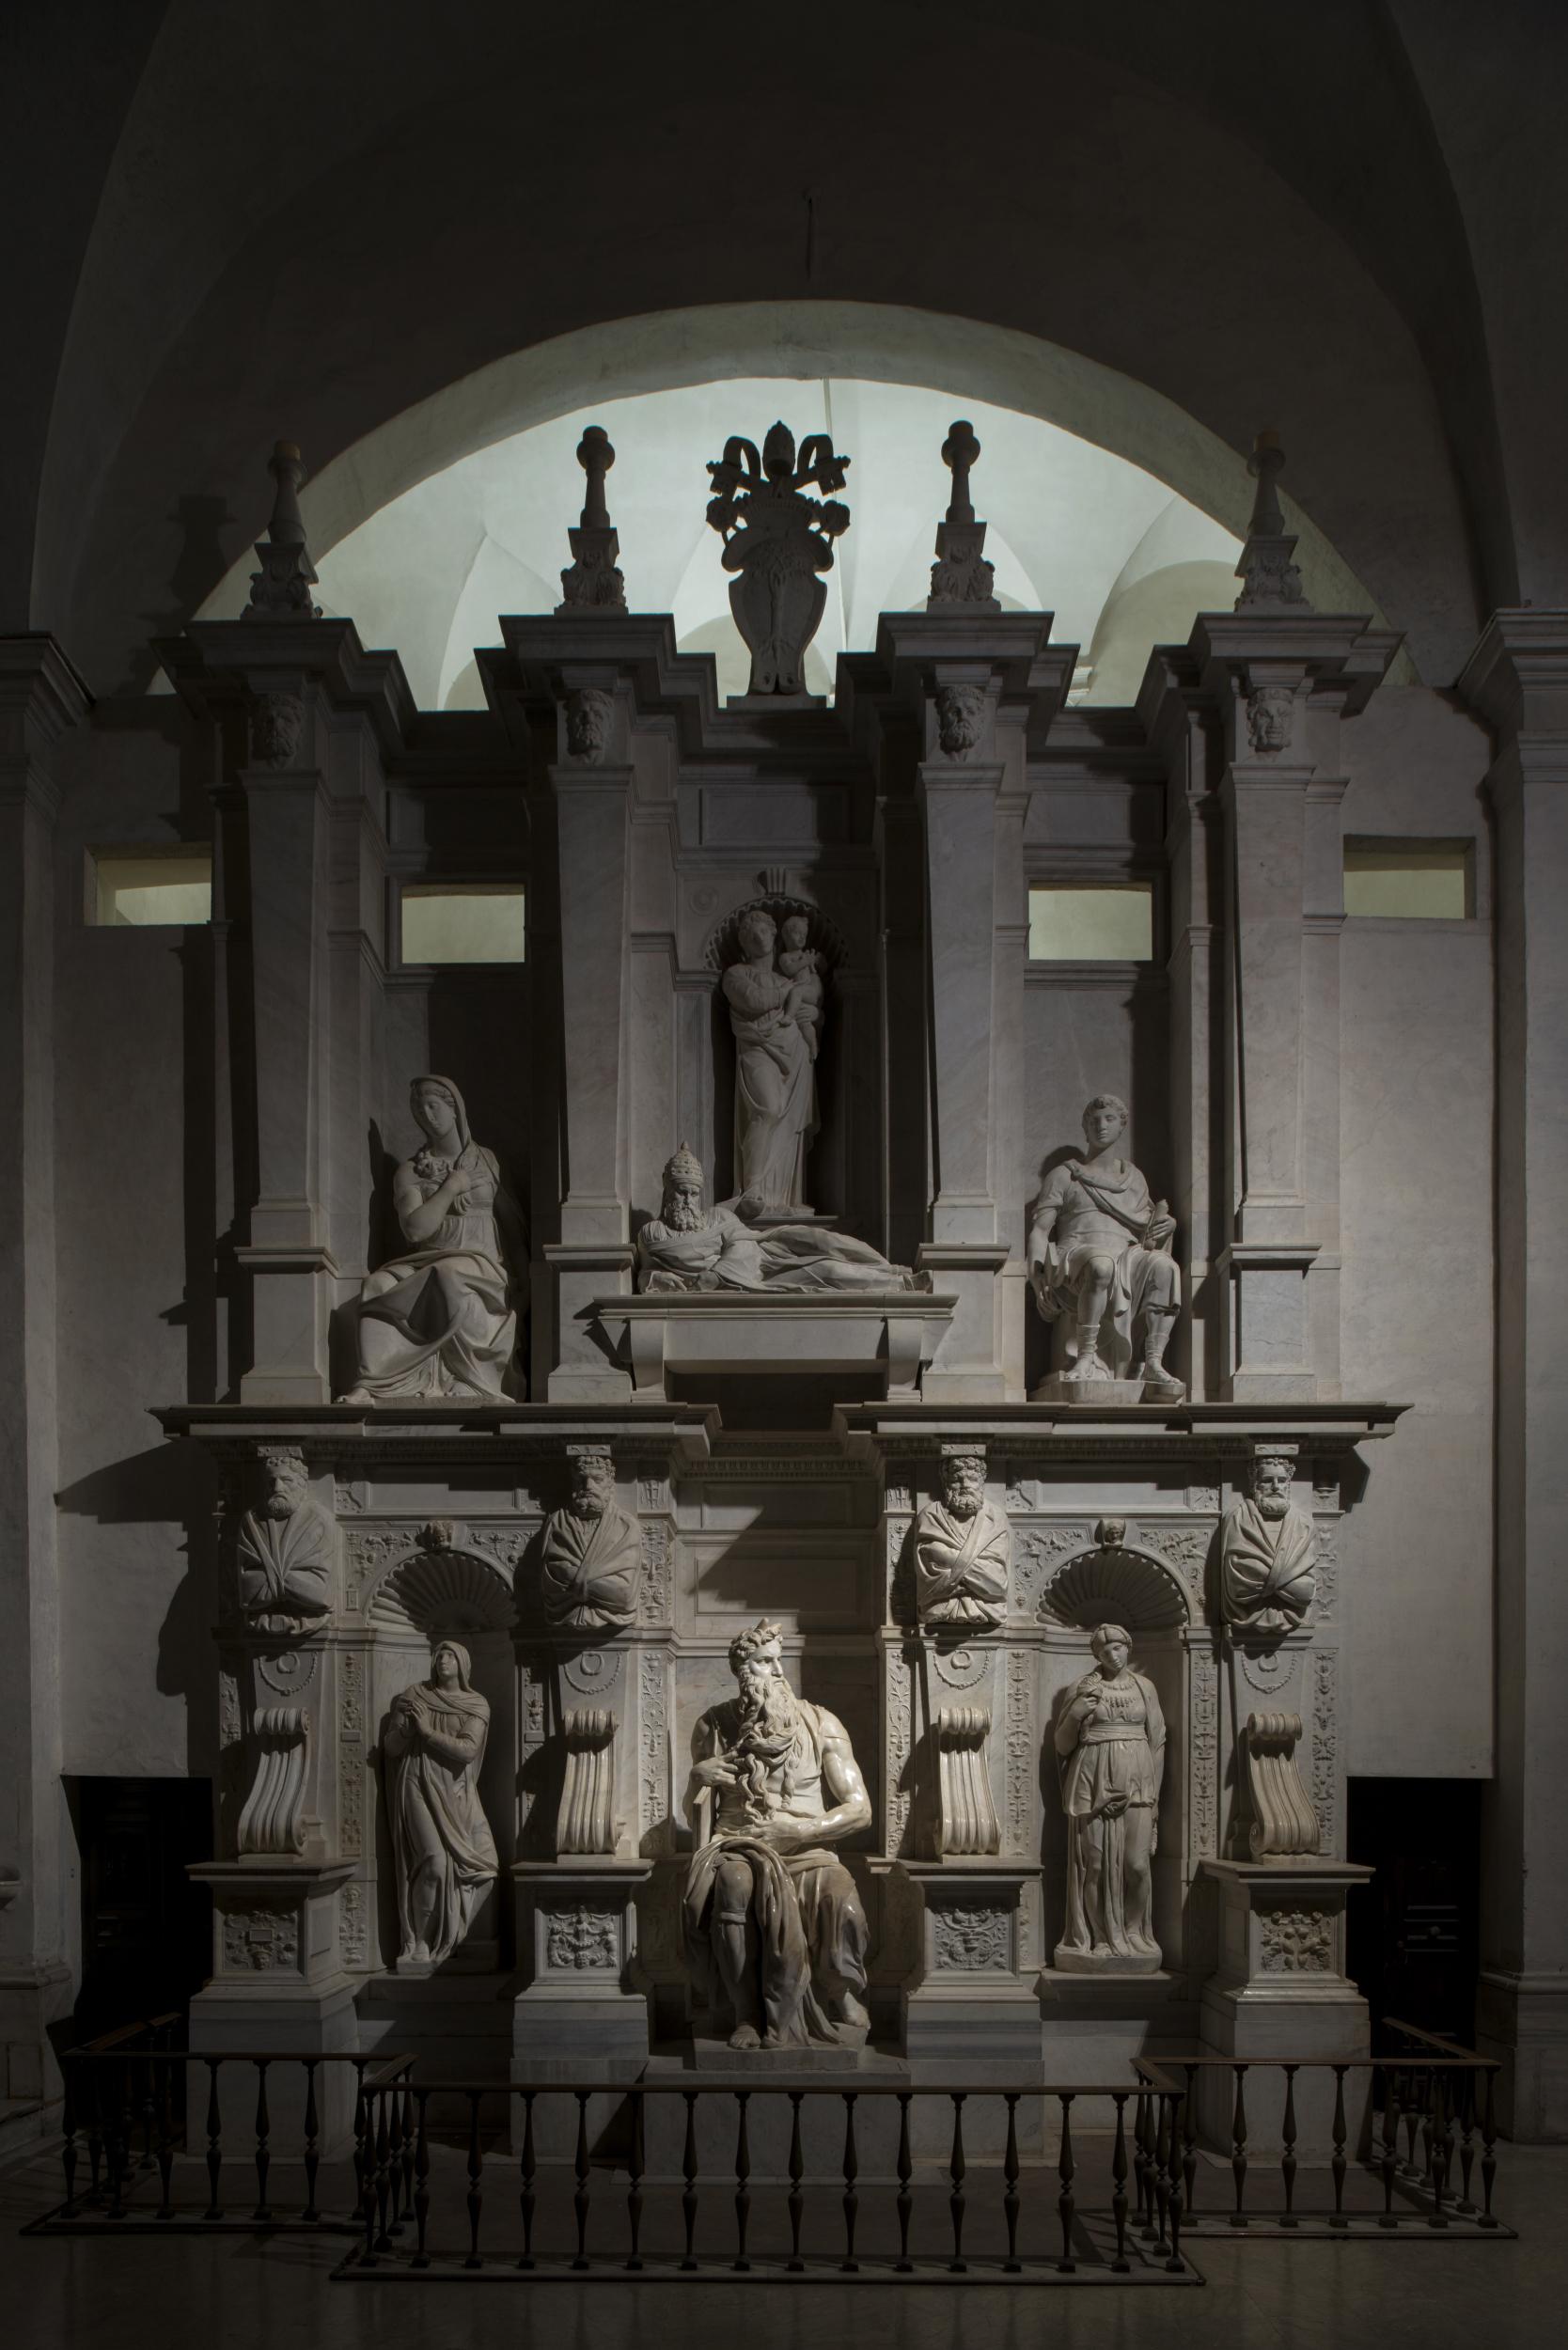 Roma, San Pietro in Vincoli Michelangelo Buonarroti - Mausoleo di Giulio II (cortesia foto: Andrea Jemolo)